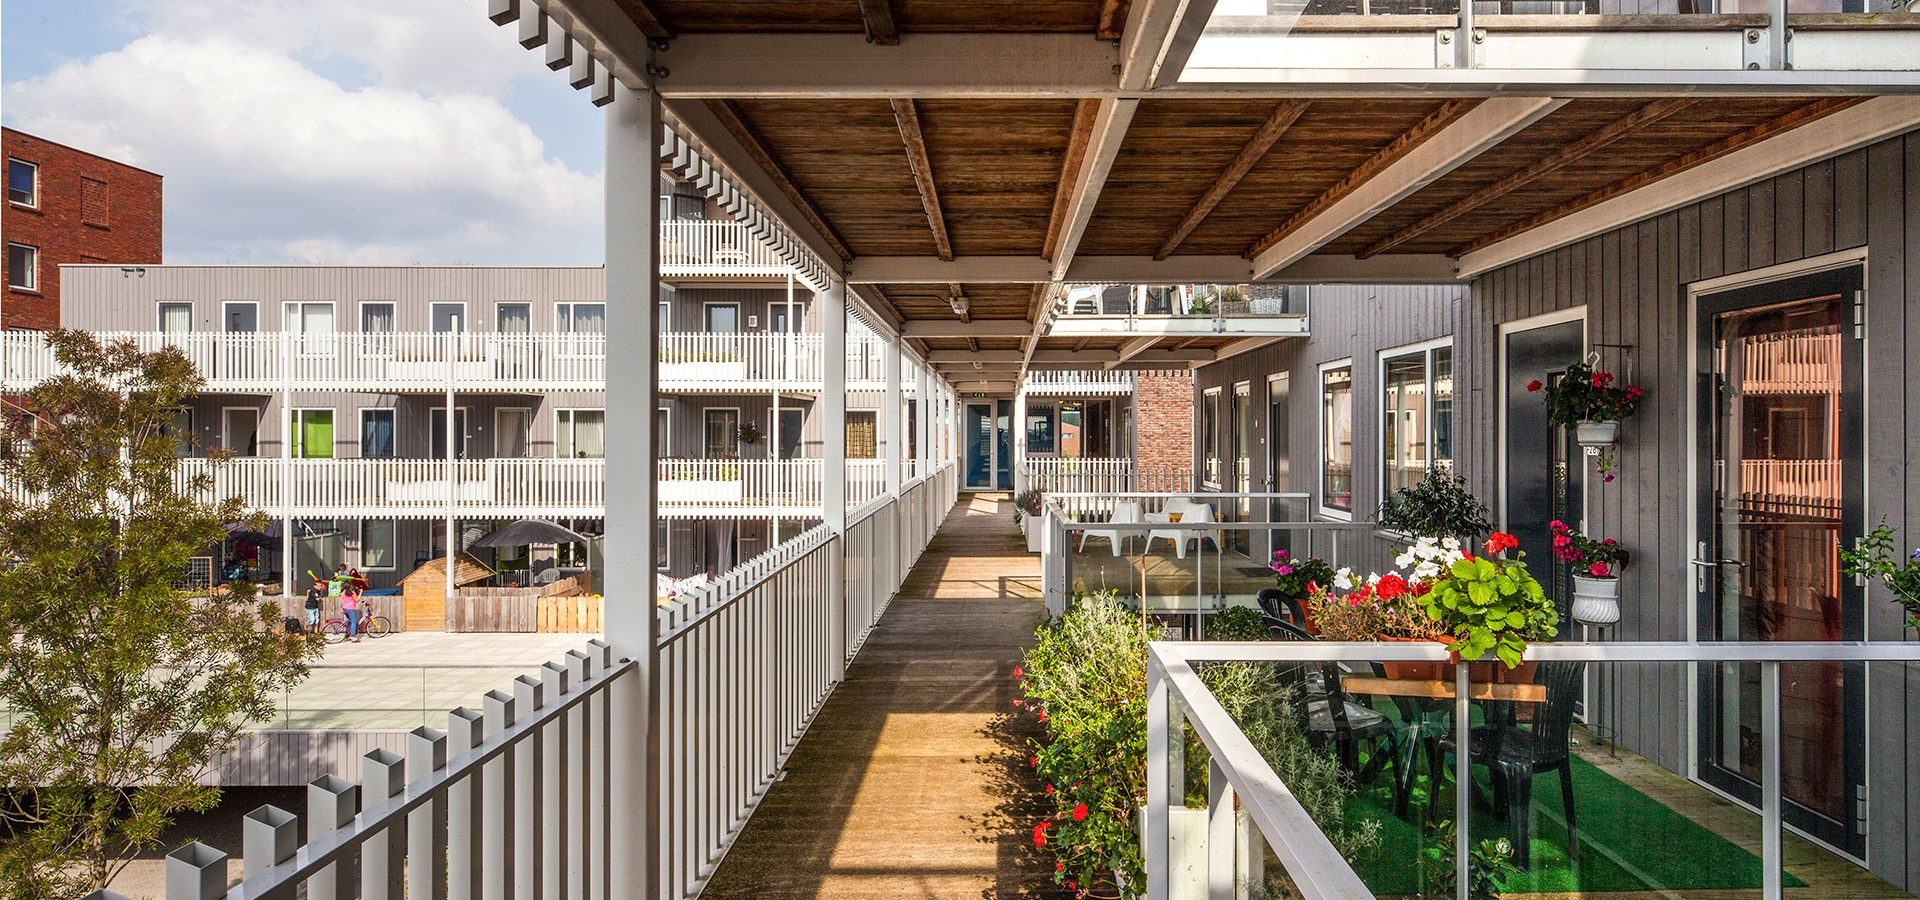 FARO architecten Harnaschpolder Delft 01